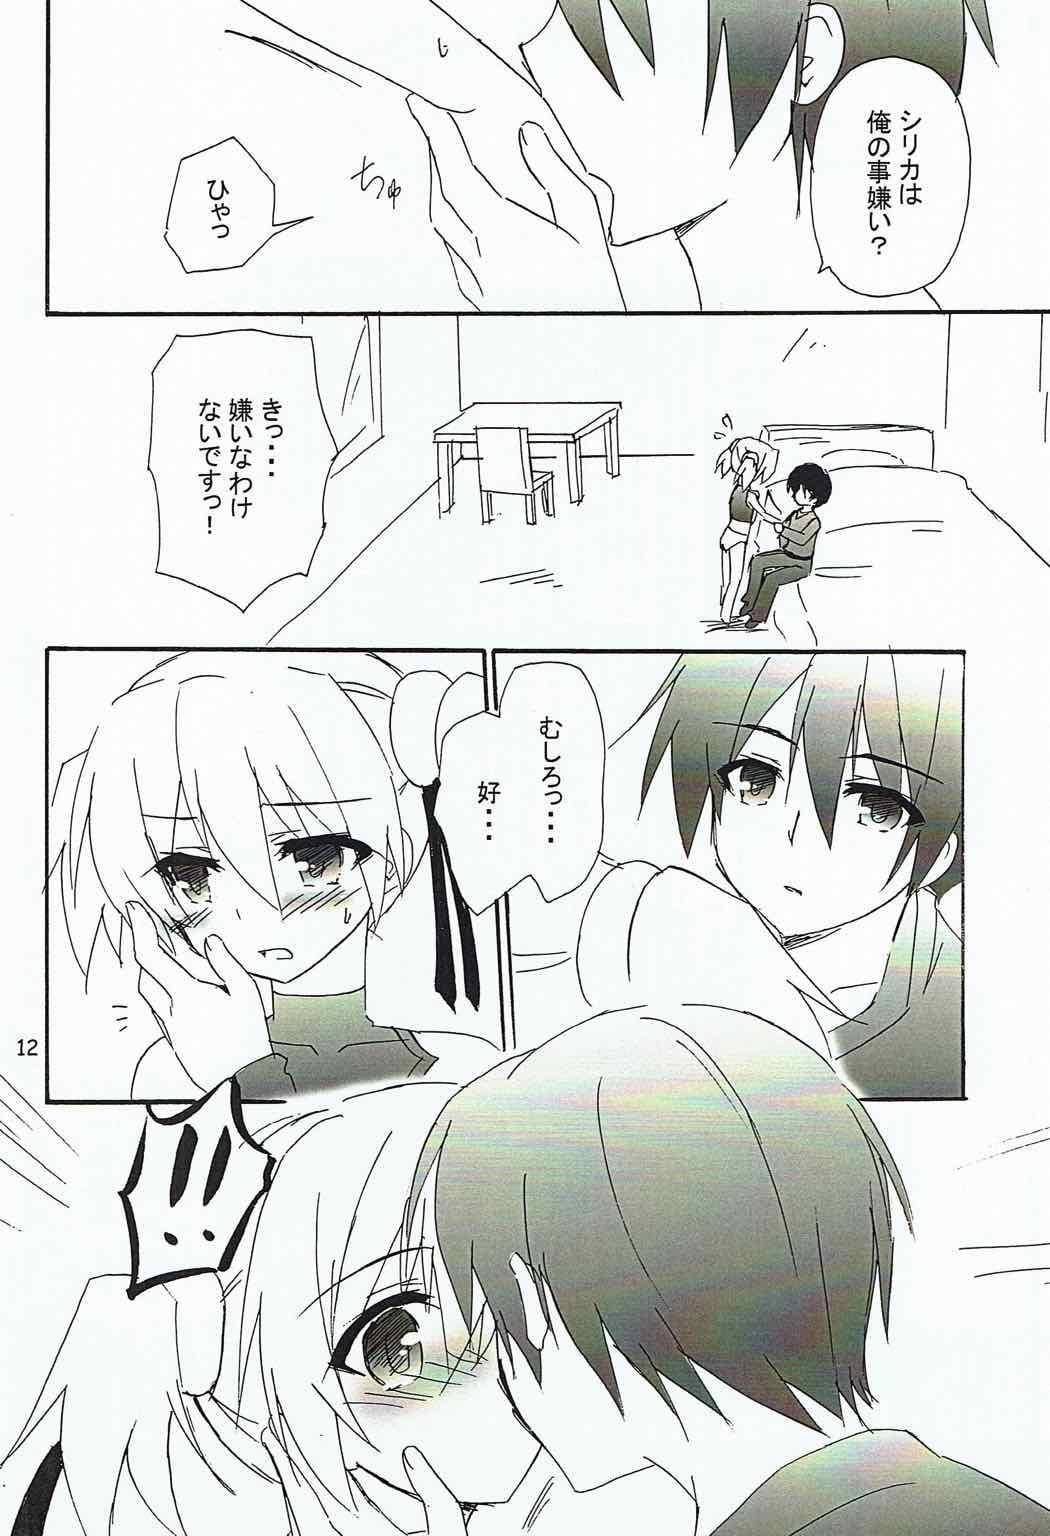 Ganbare Imouto-chan! 10